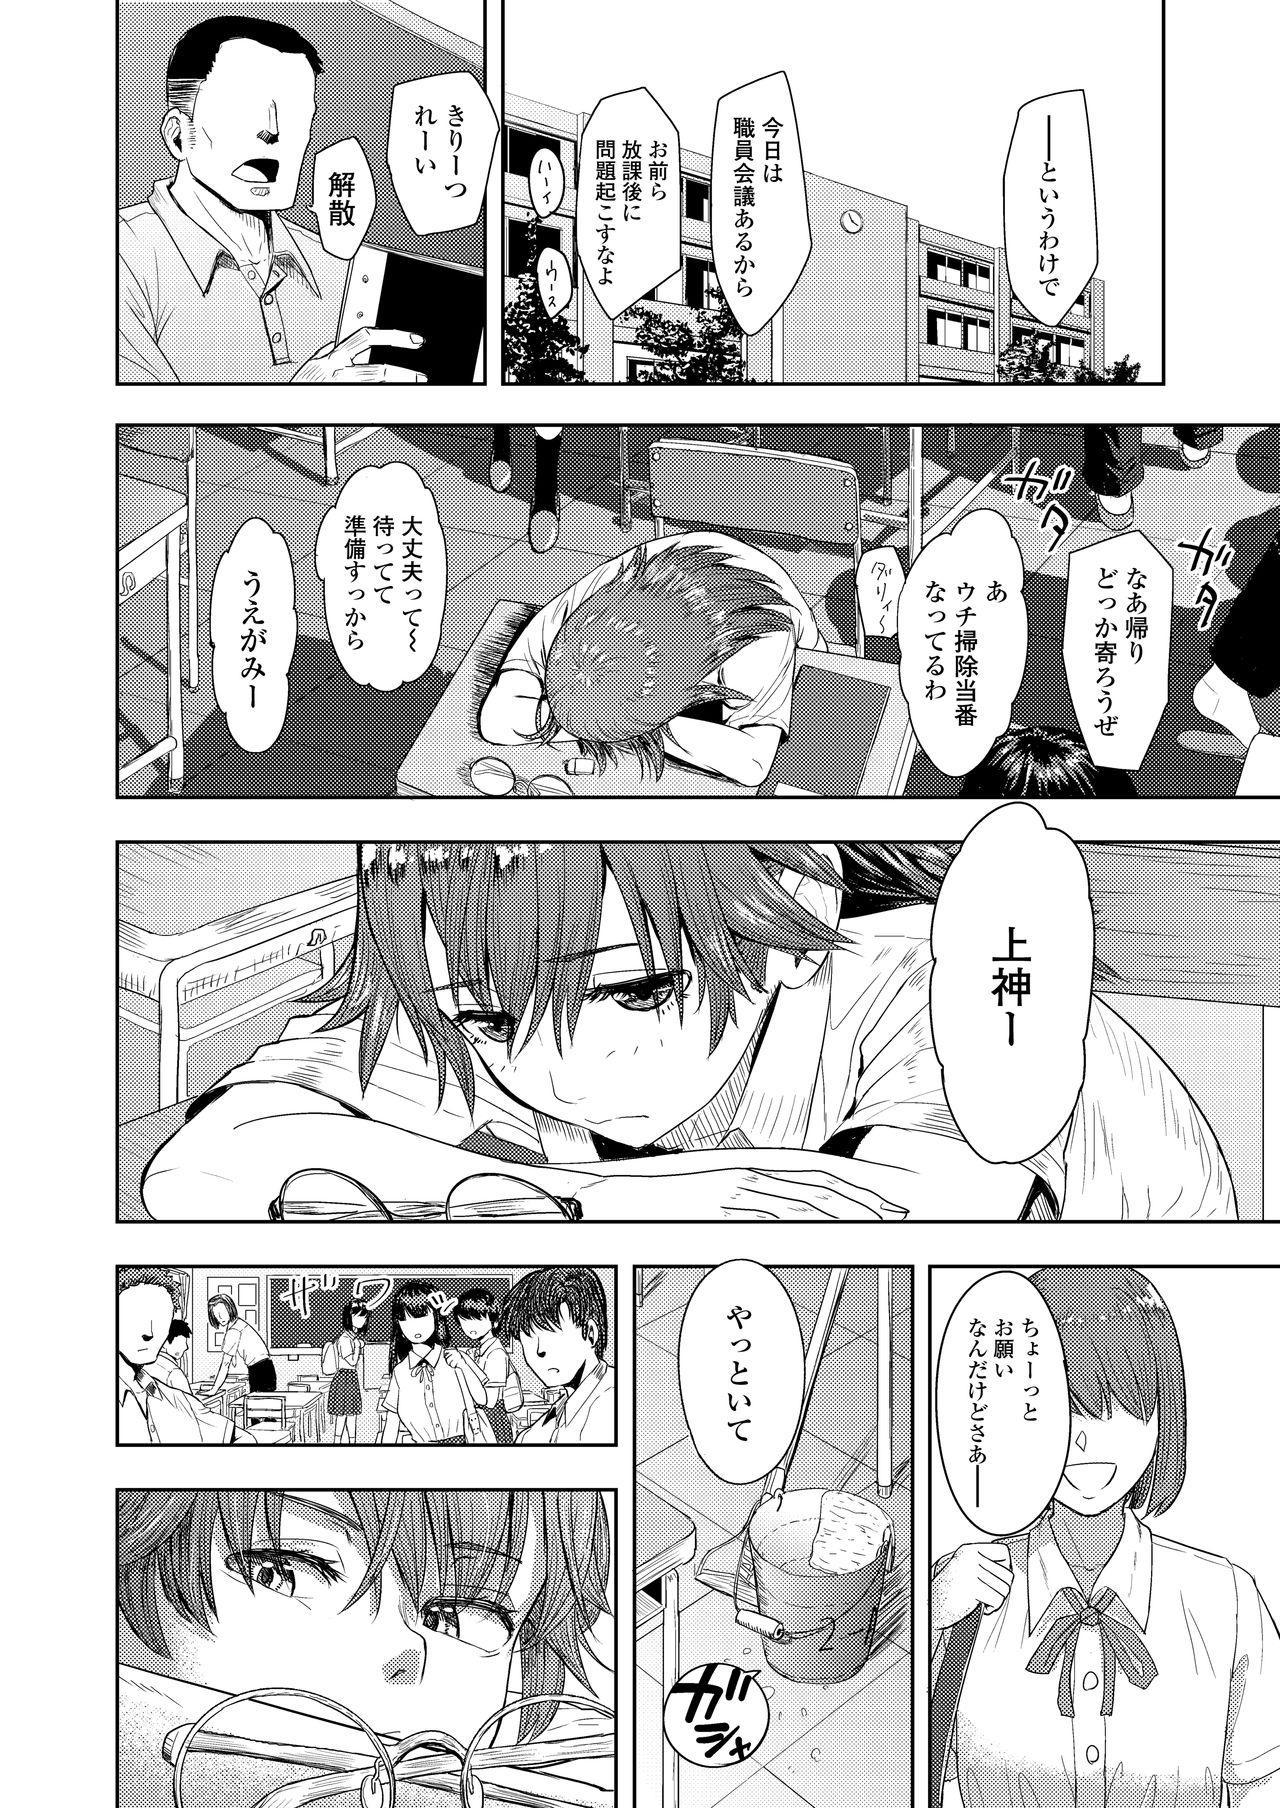 COMIC AOHA 2021 Natsu 127